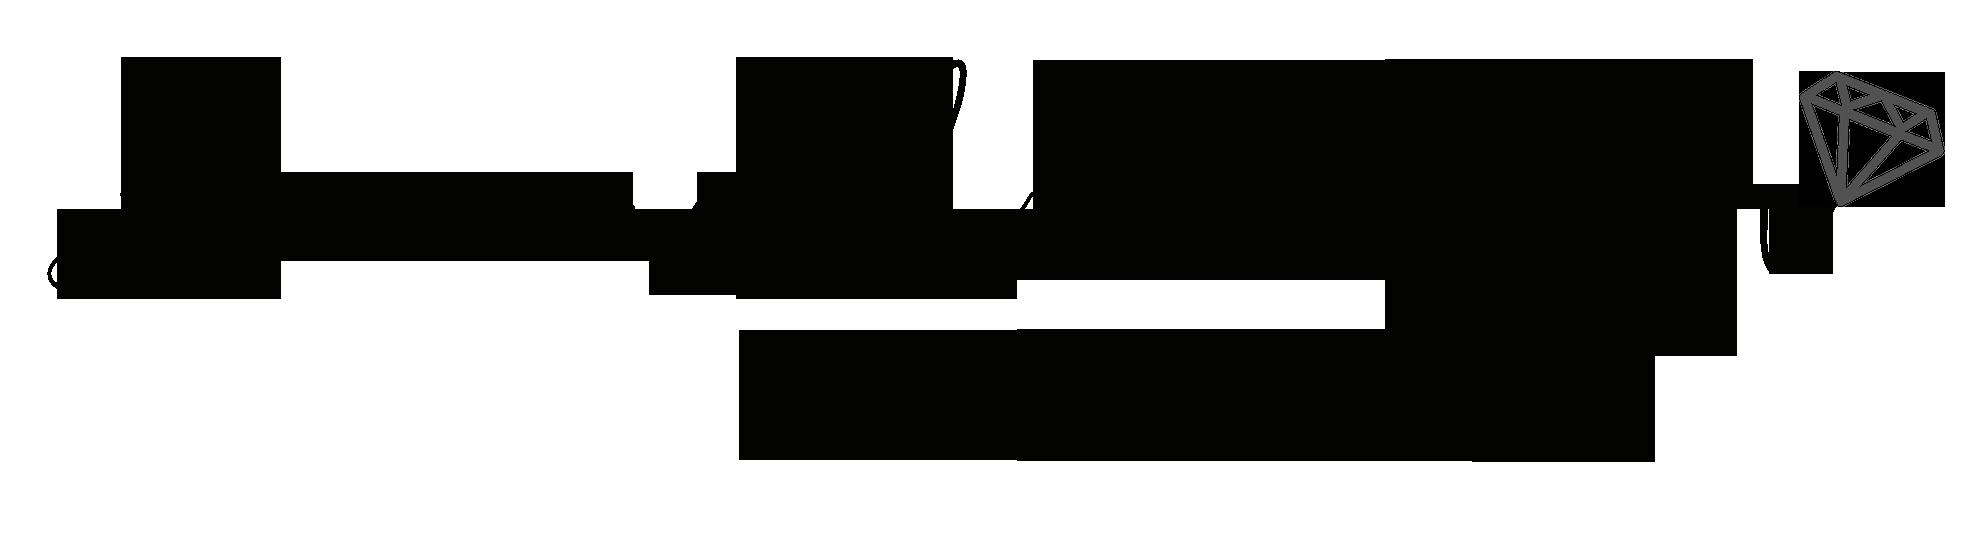 Laura Llewellyn Design